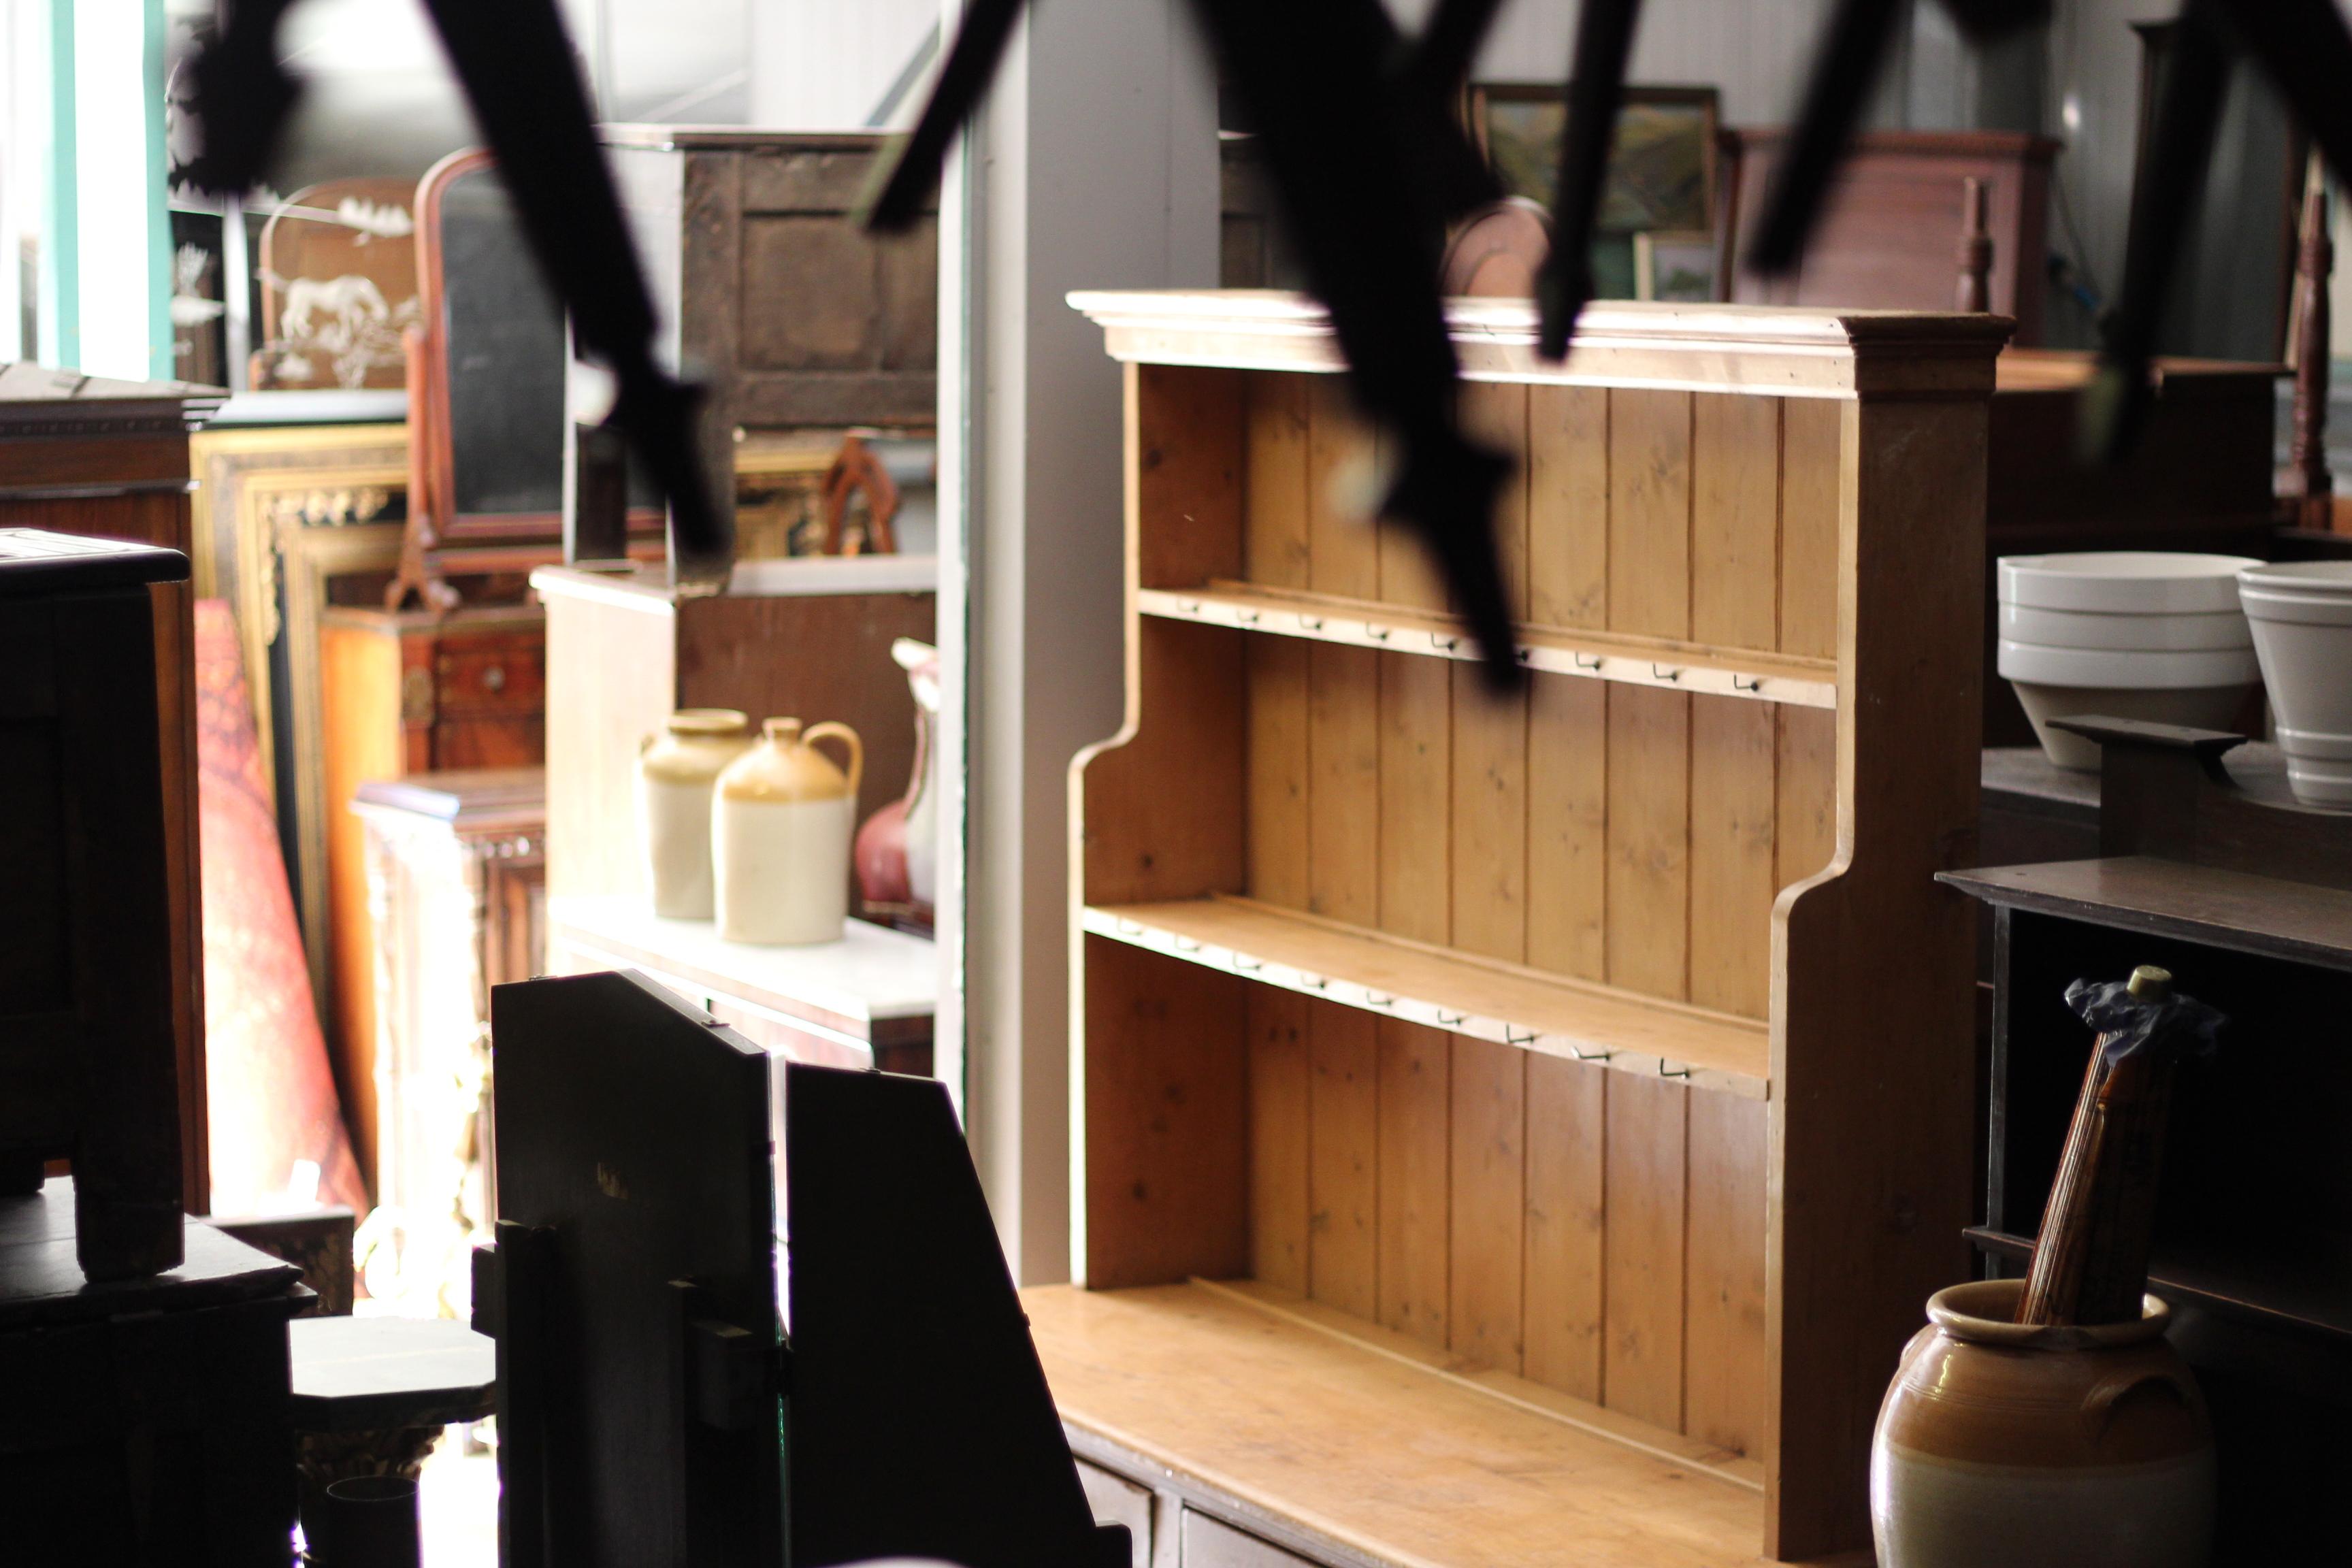 Kernow Furniture image (4 of 8)